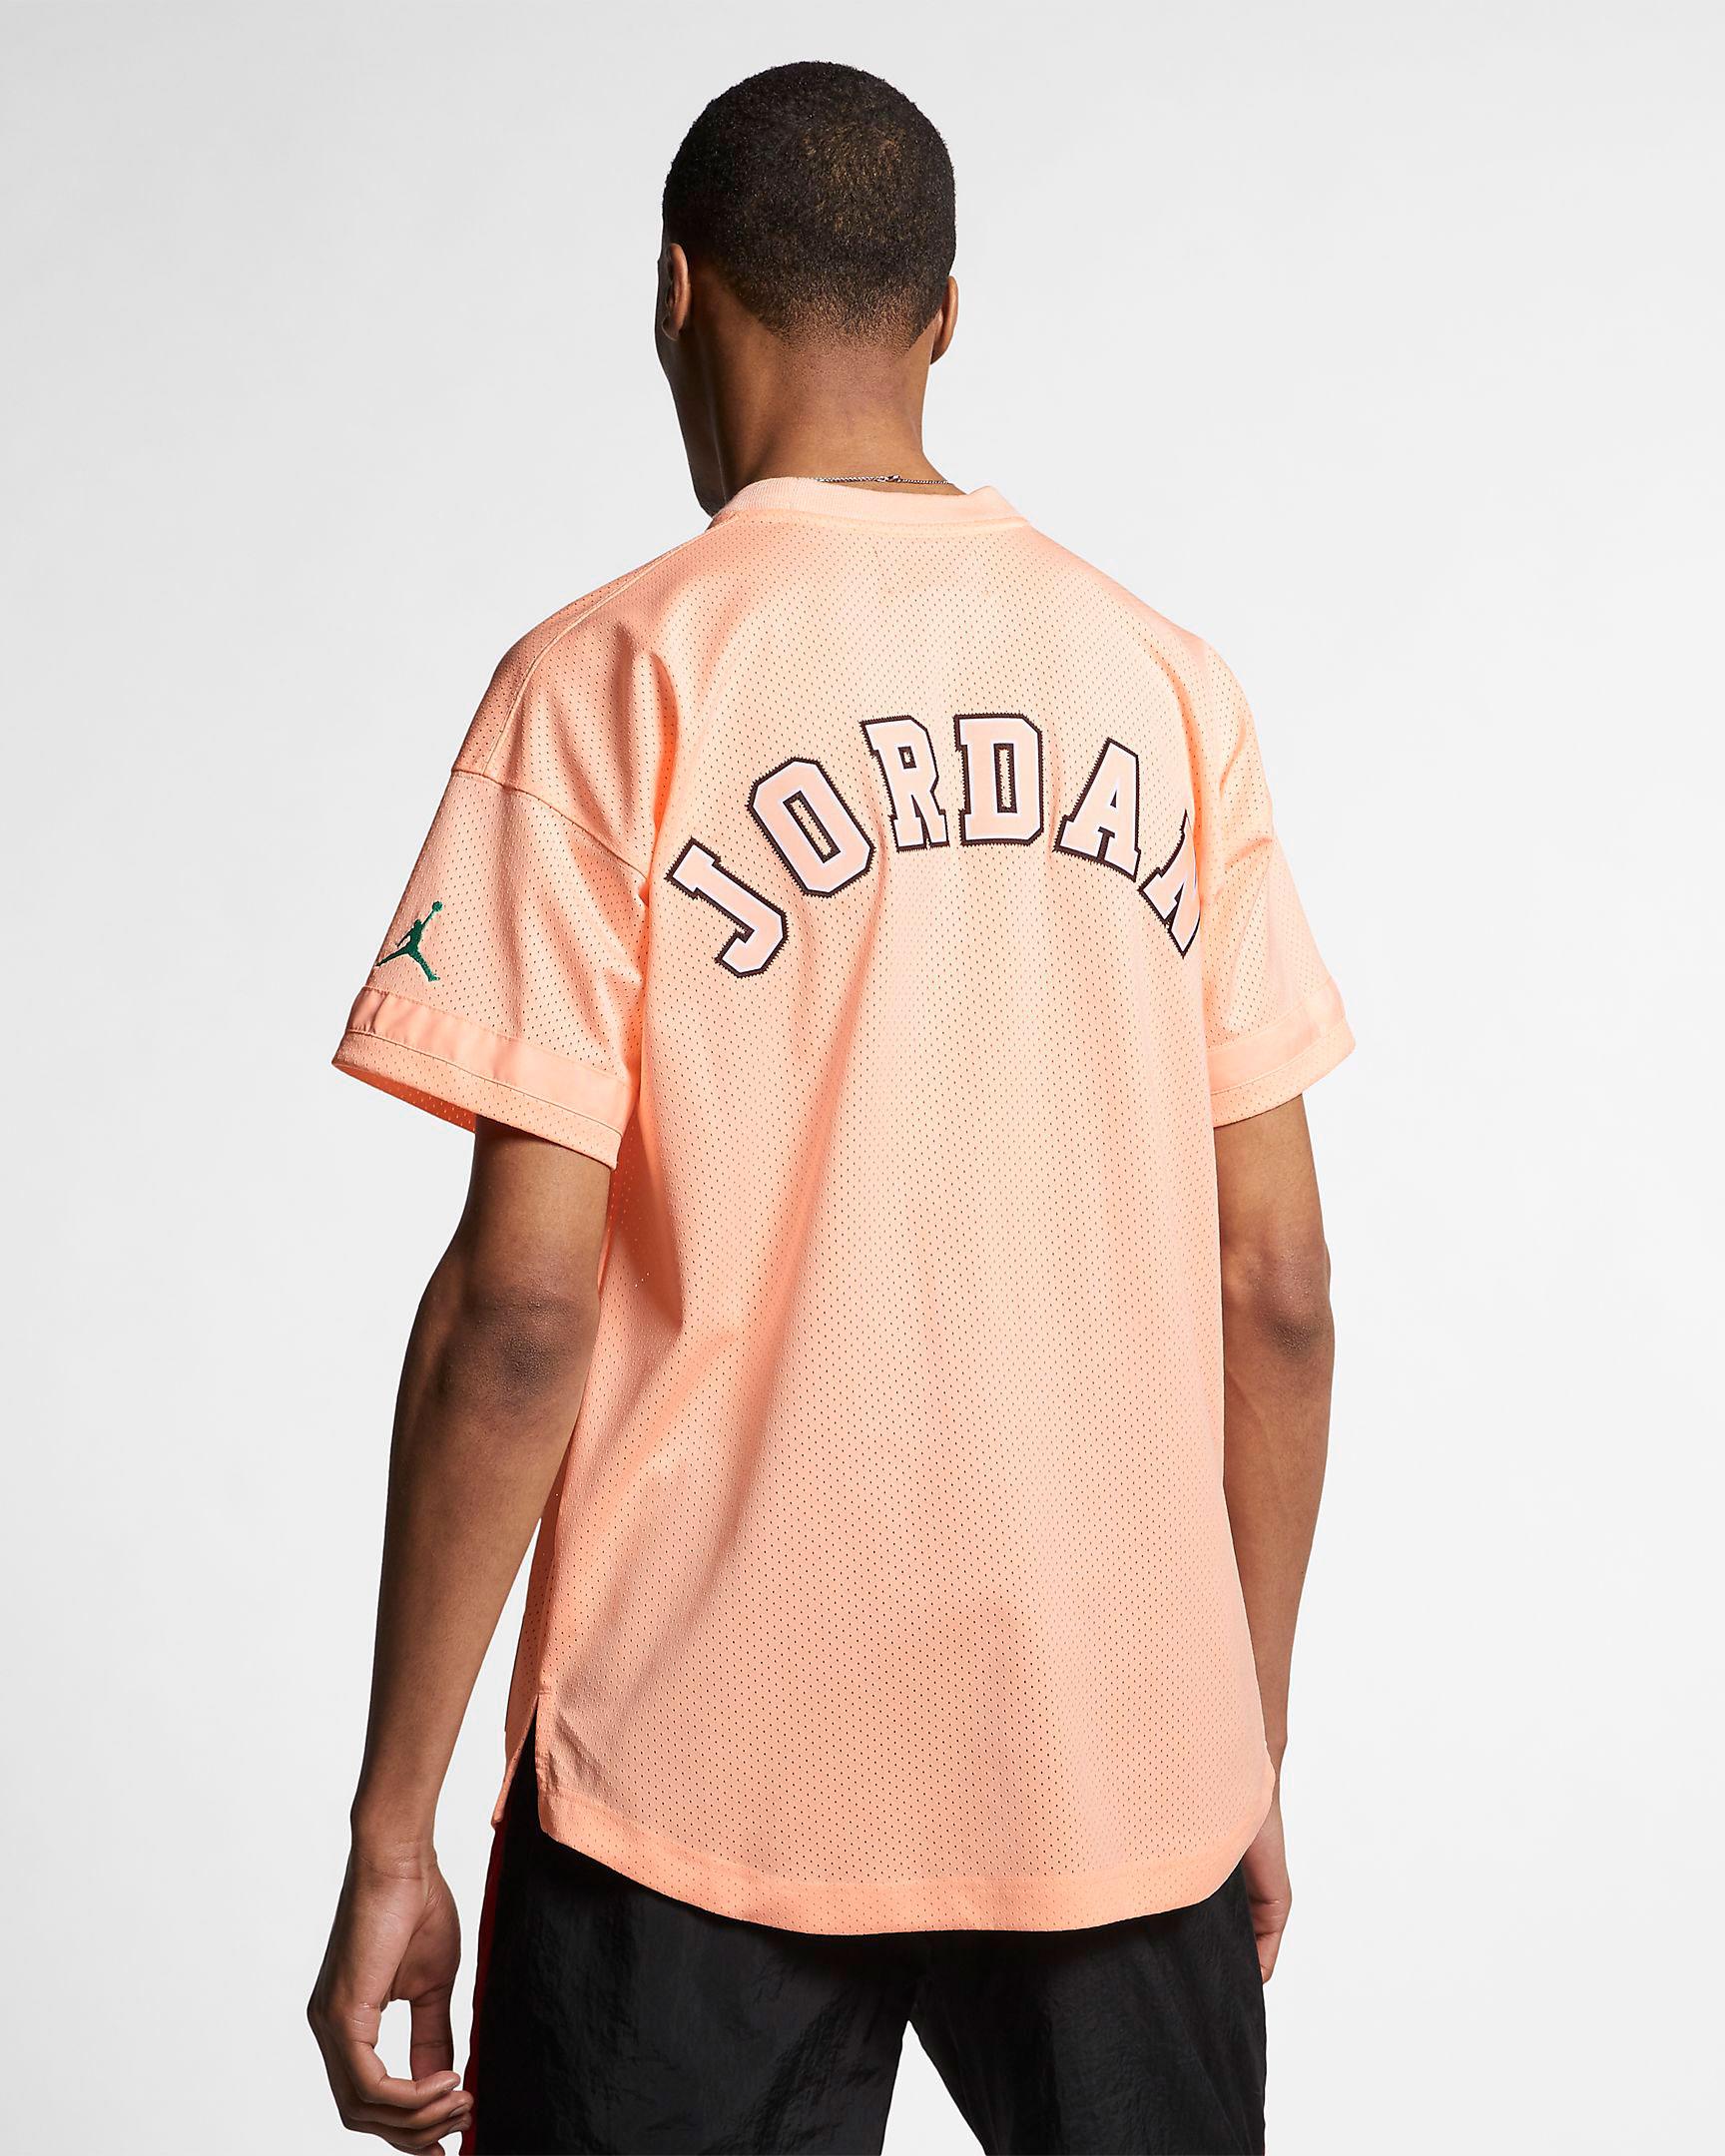 jordan-1-crimson-tint-jersey-shirt-2